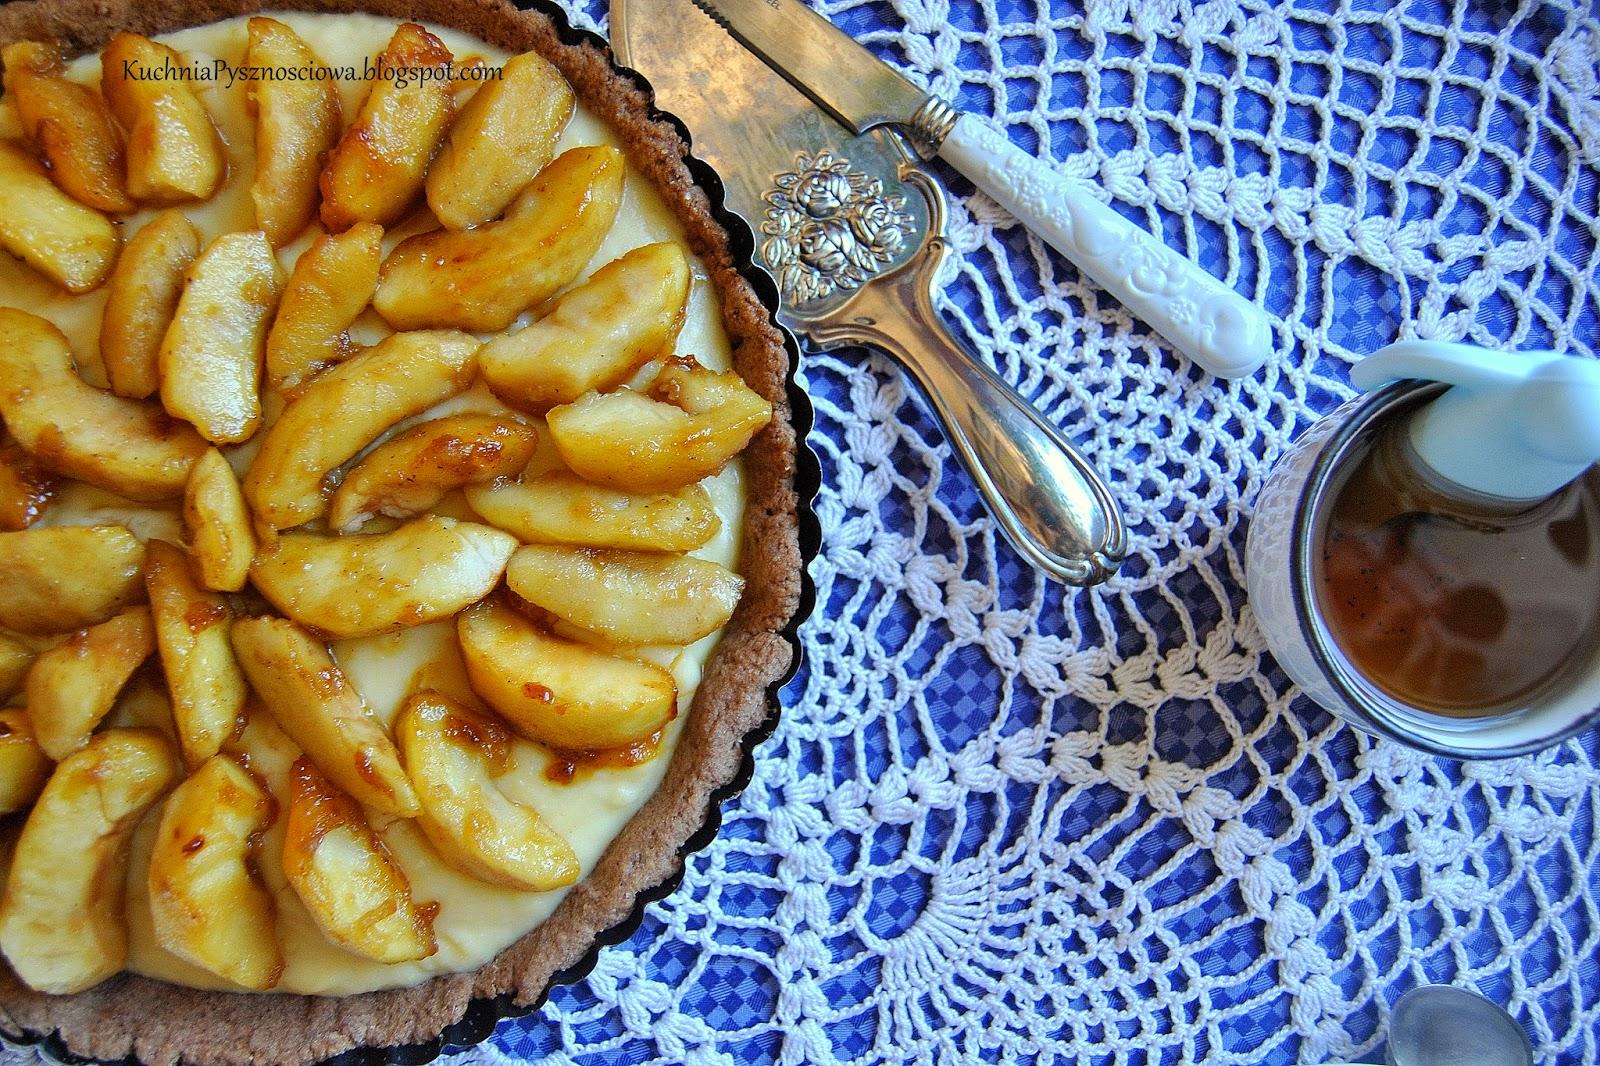 270. Tarta z karmelizowanymi jabłkami i domowym budyniem